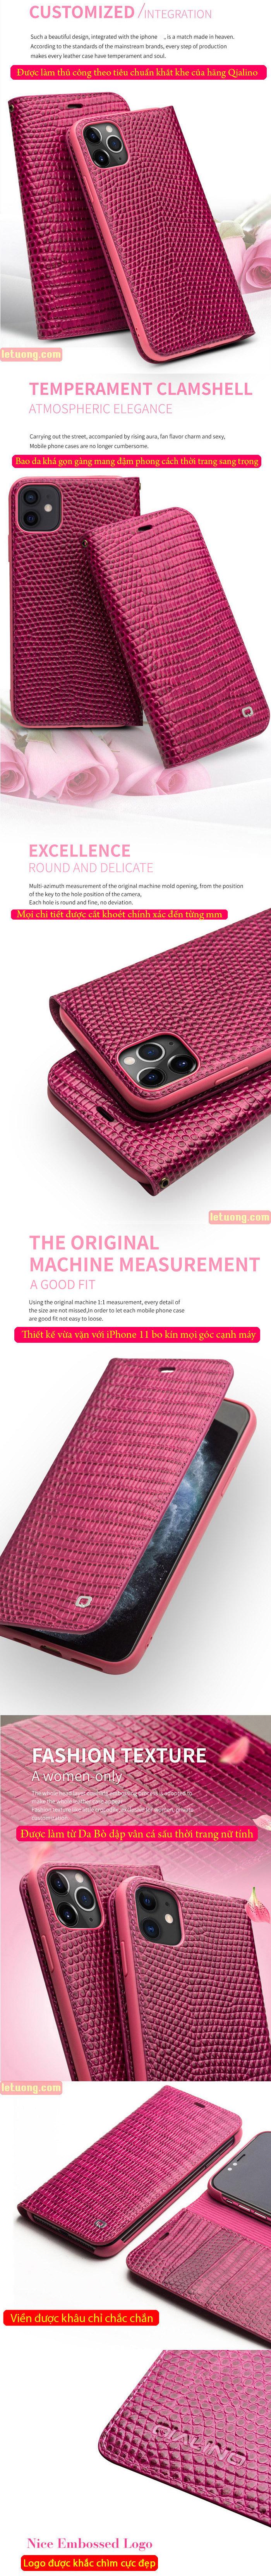 Bao da iPhone 12 / 12 Pro Qialino Crocodile Hanmade da thật 6